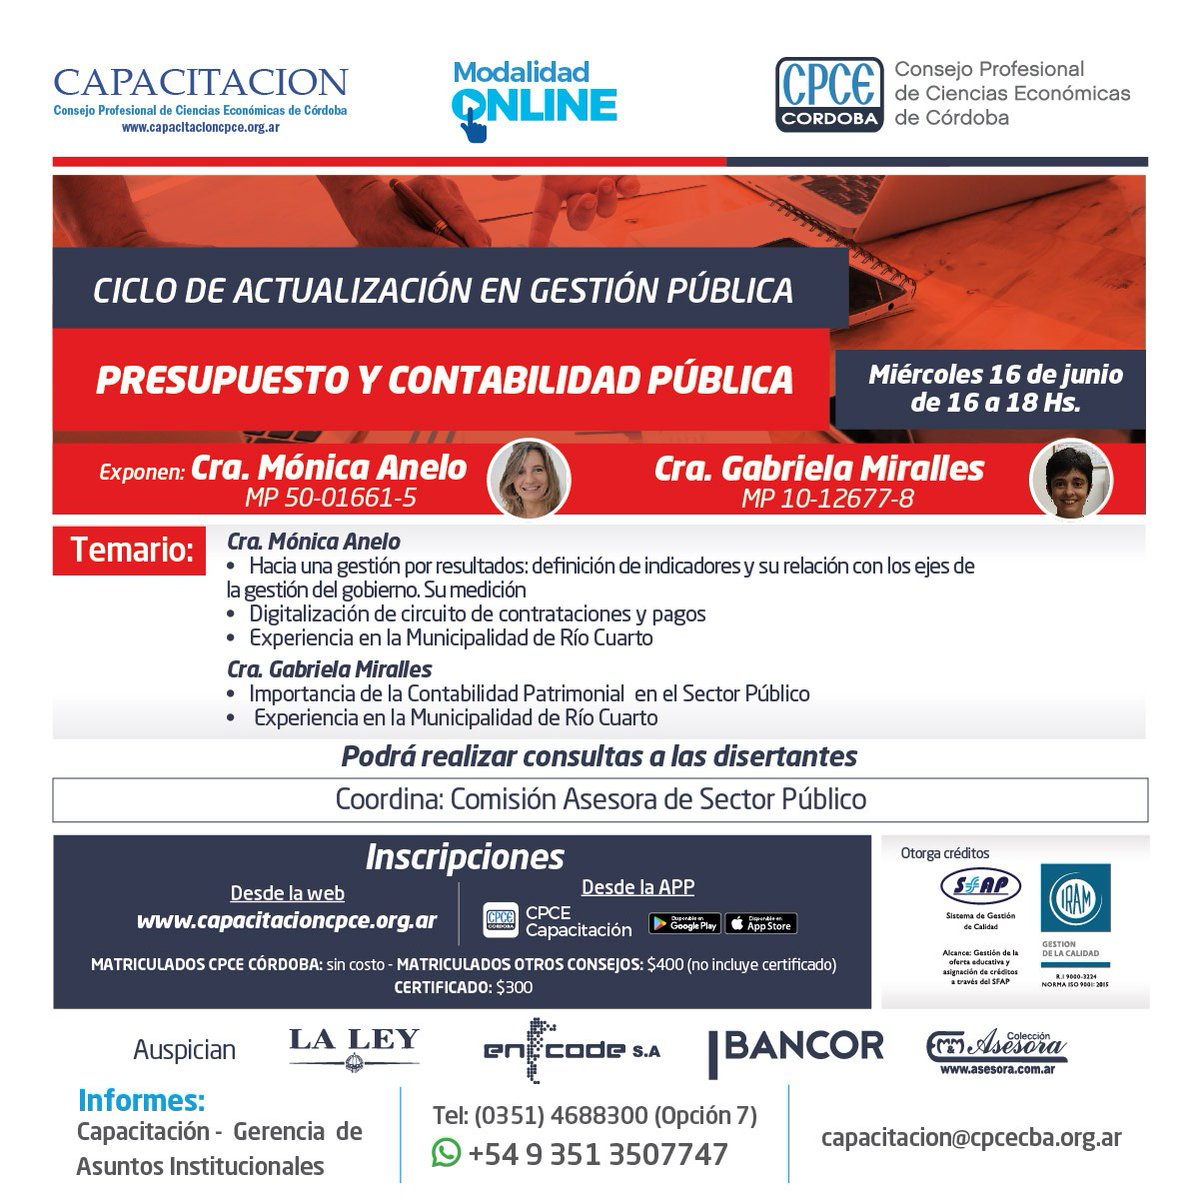 CPCE Córdoba @CPCECordoba: Inscripciones desde la web https://t.co/SShjf0iDOX ó desde la App CPCE Capacitación ???? https://t.co/CYCGKvyqLA